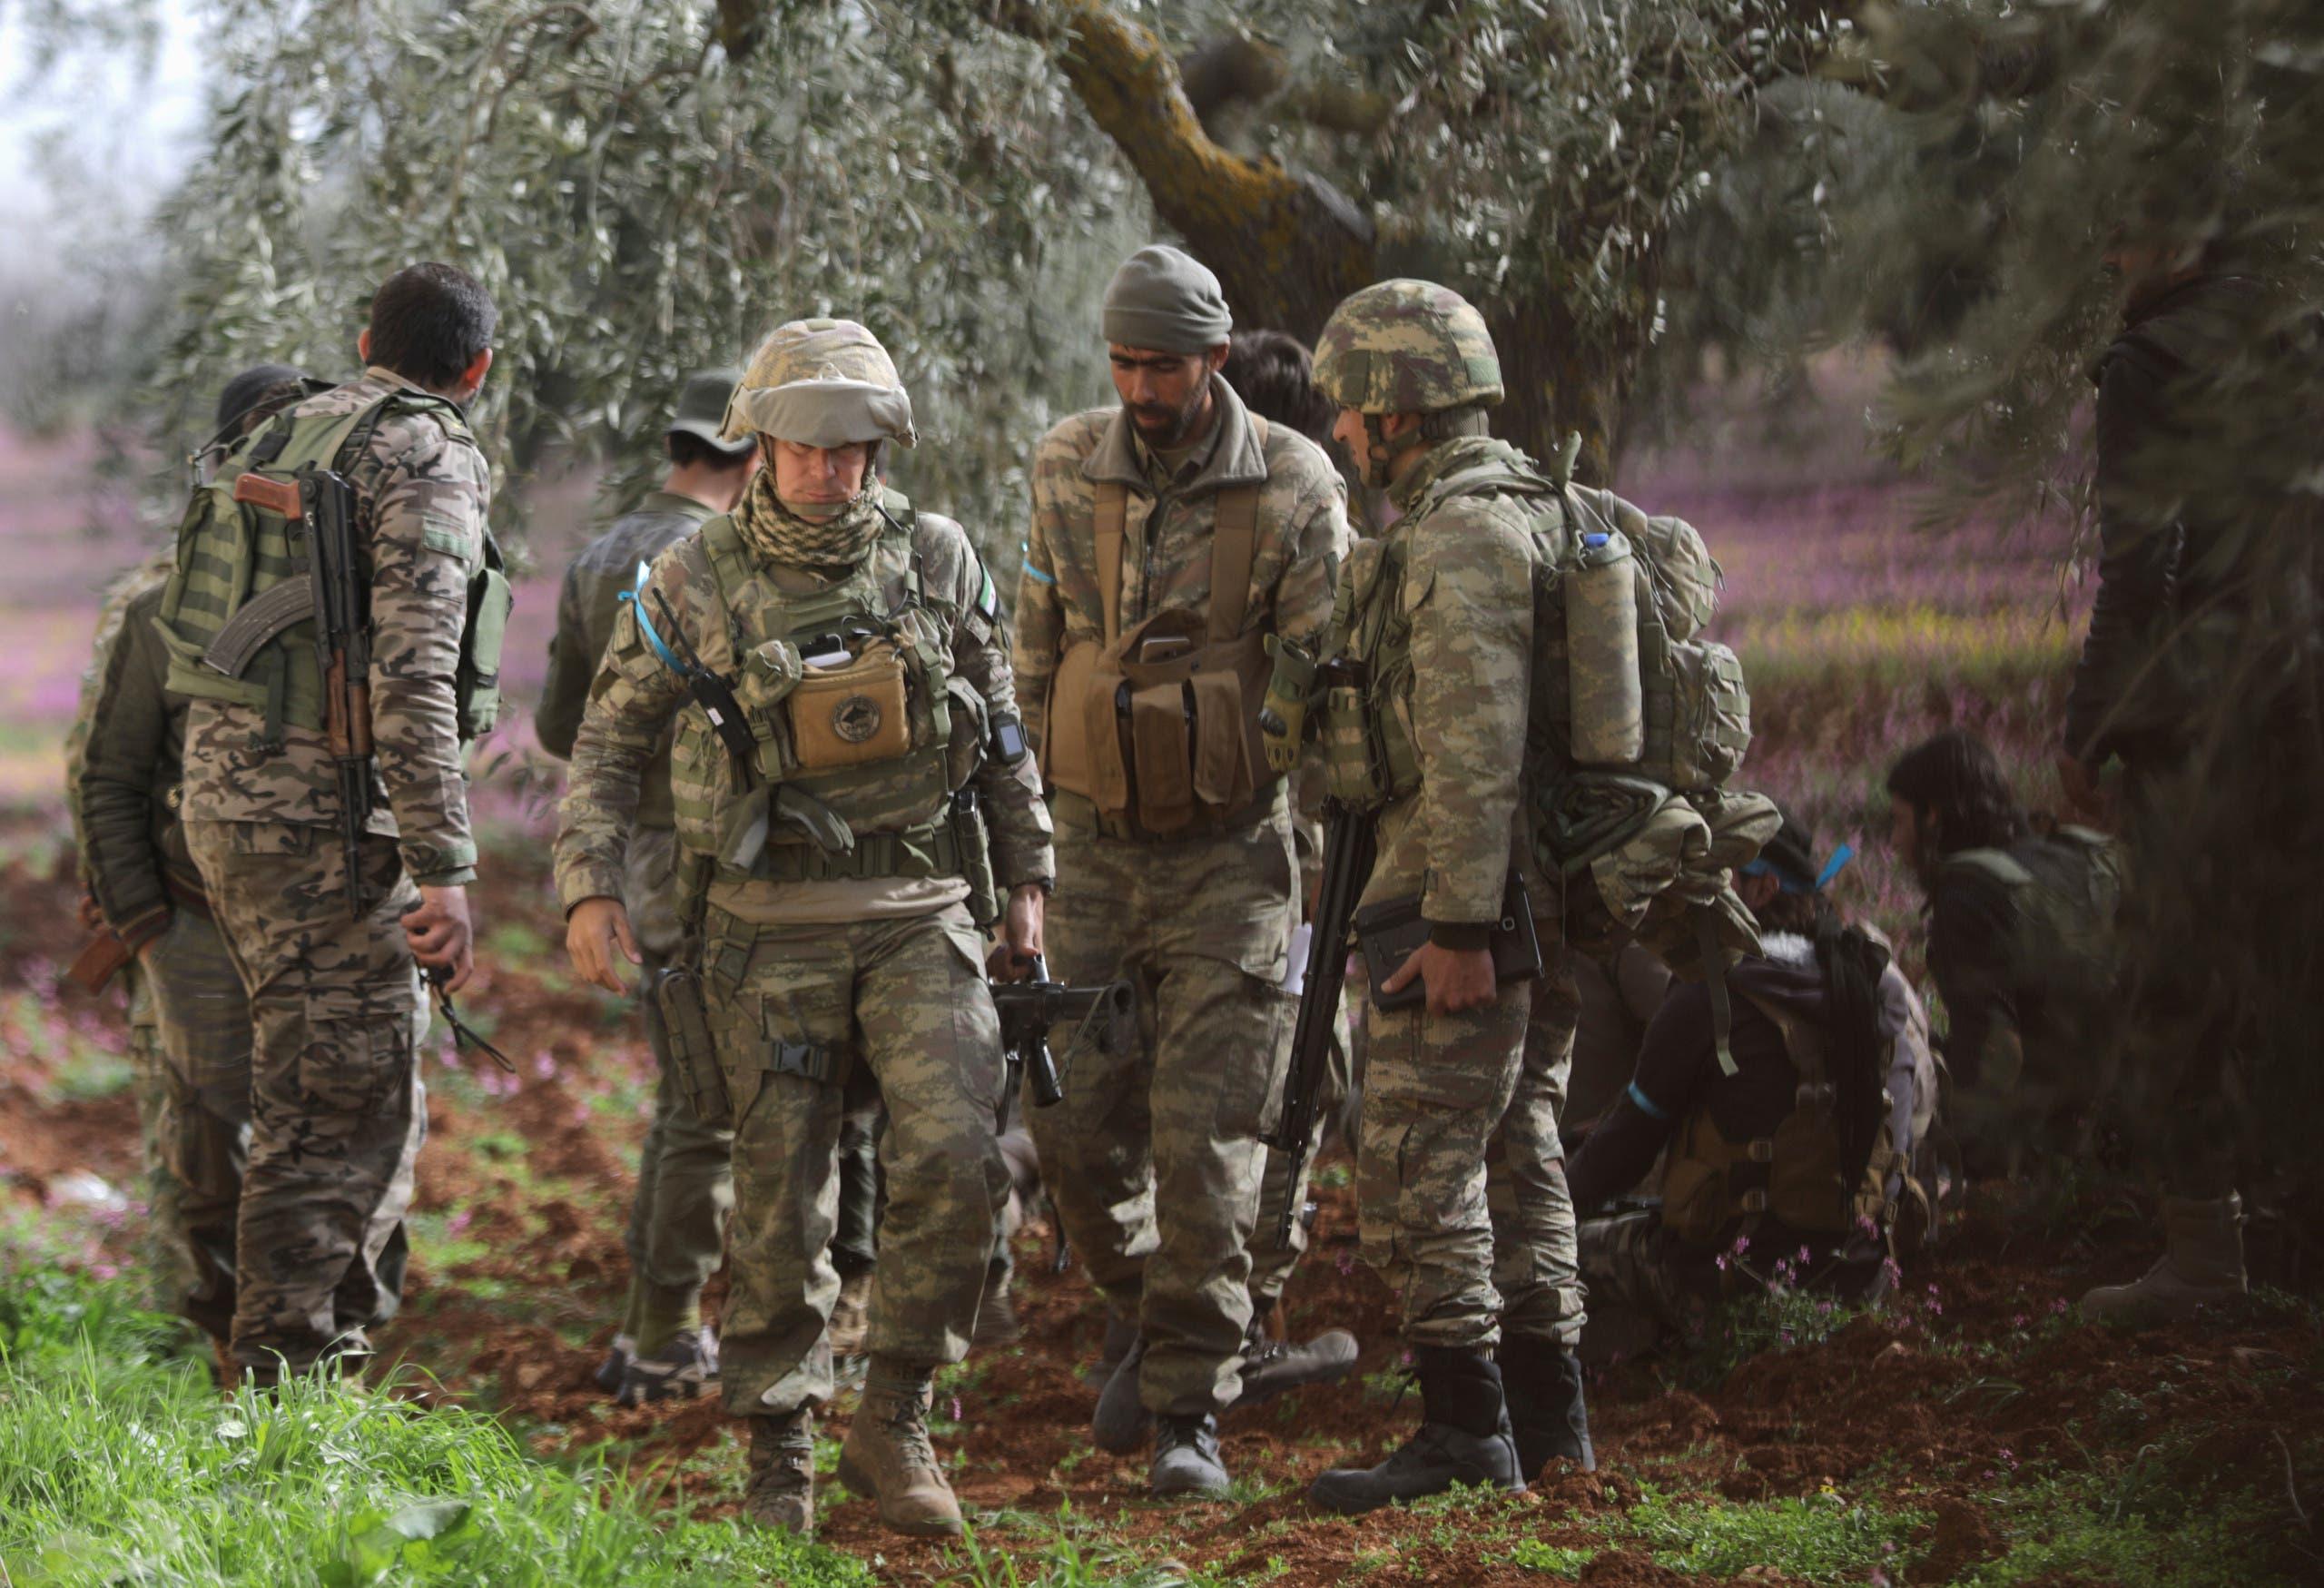 جنود أتراك مع مقاتلين من الجيش السوري الحر شمال عفرين